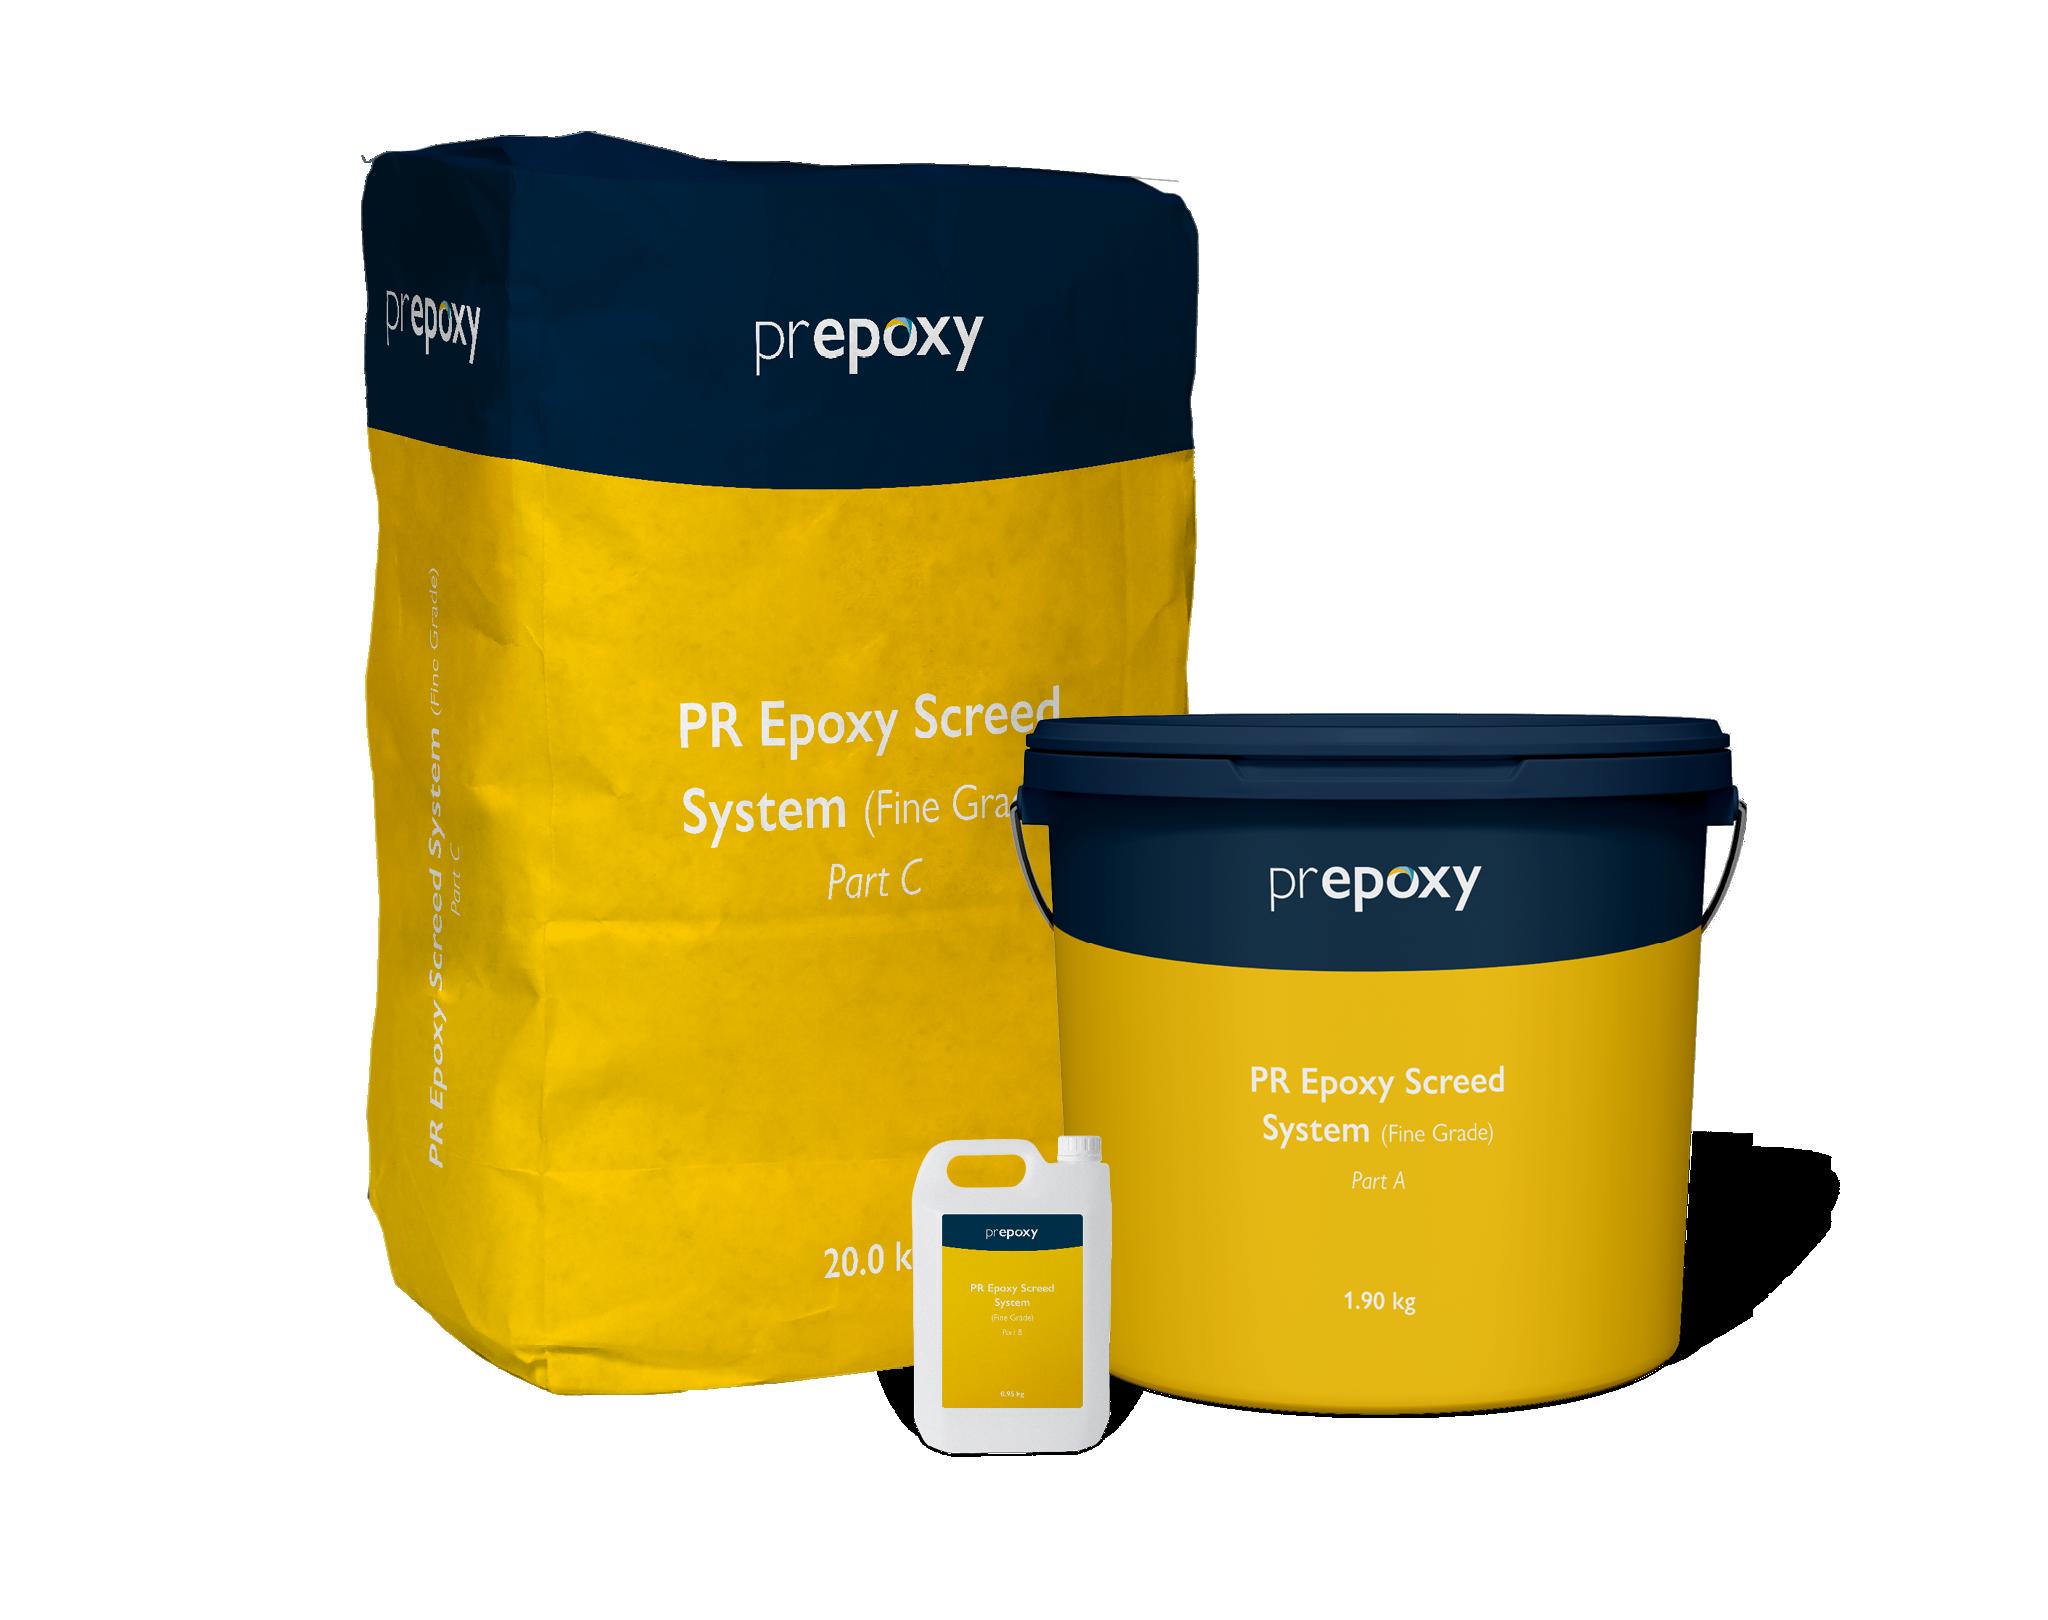 PR Epoxy Screed System (Fine Grade)